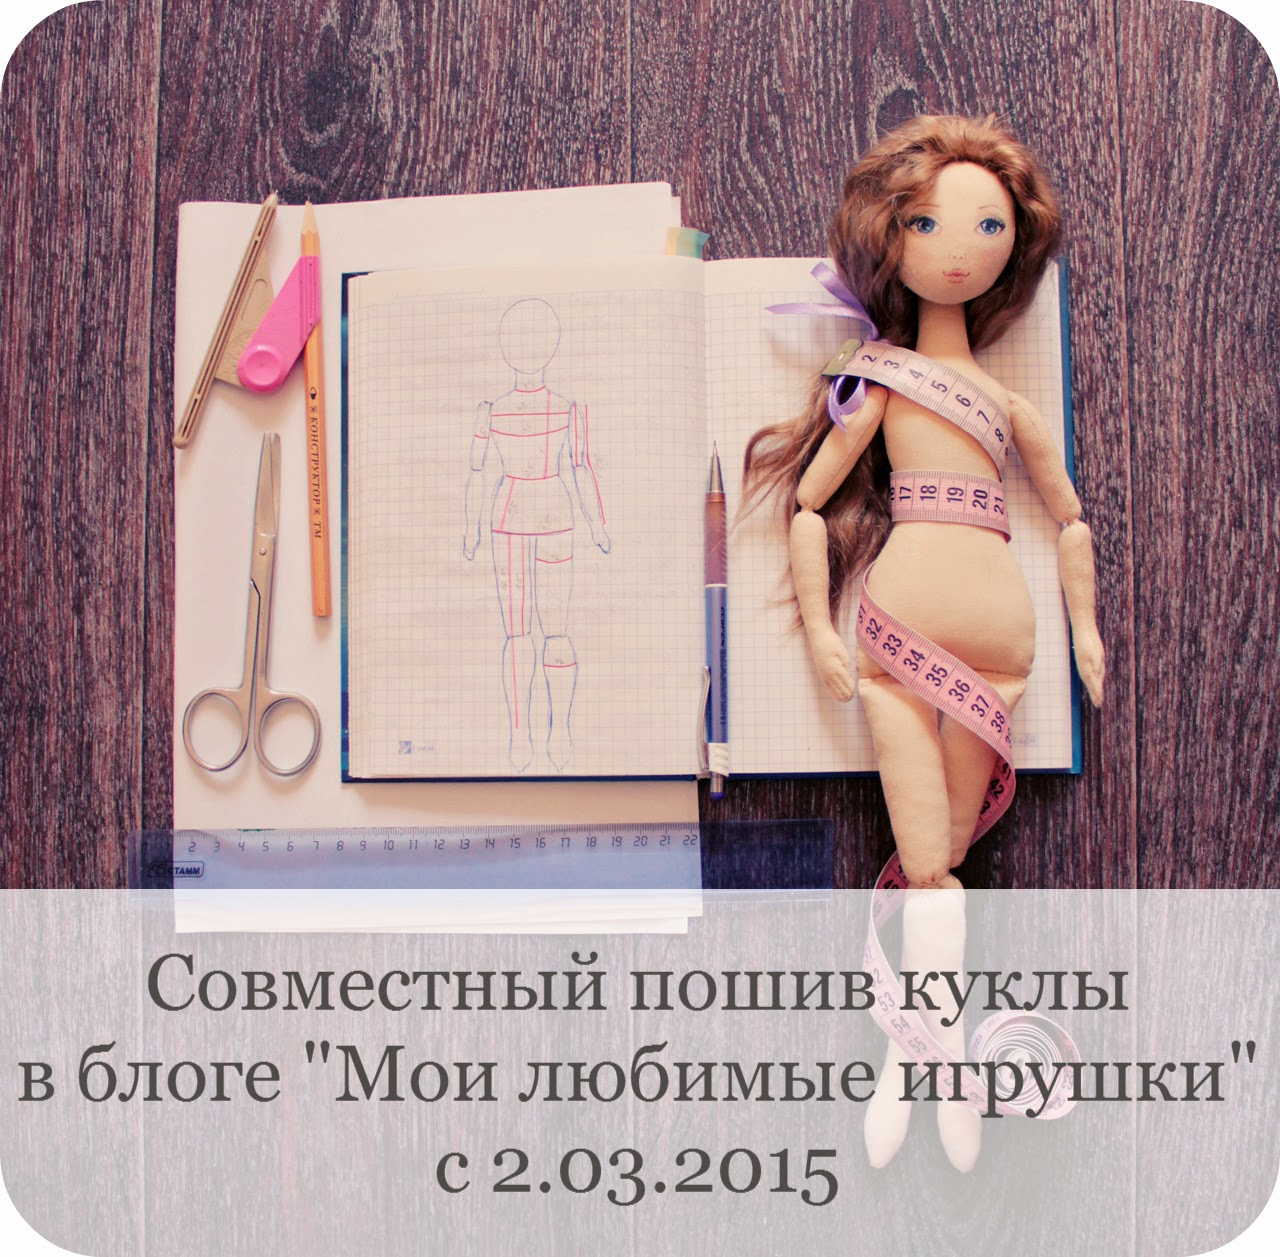 Совместный пошив куклы